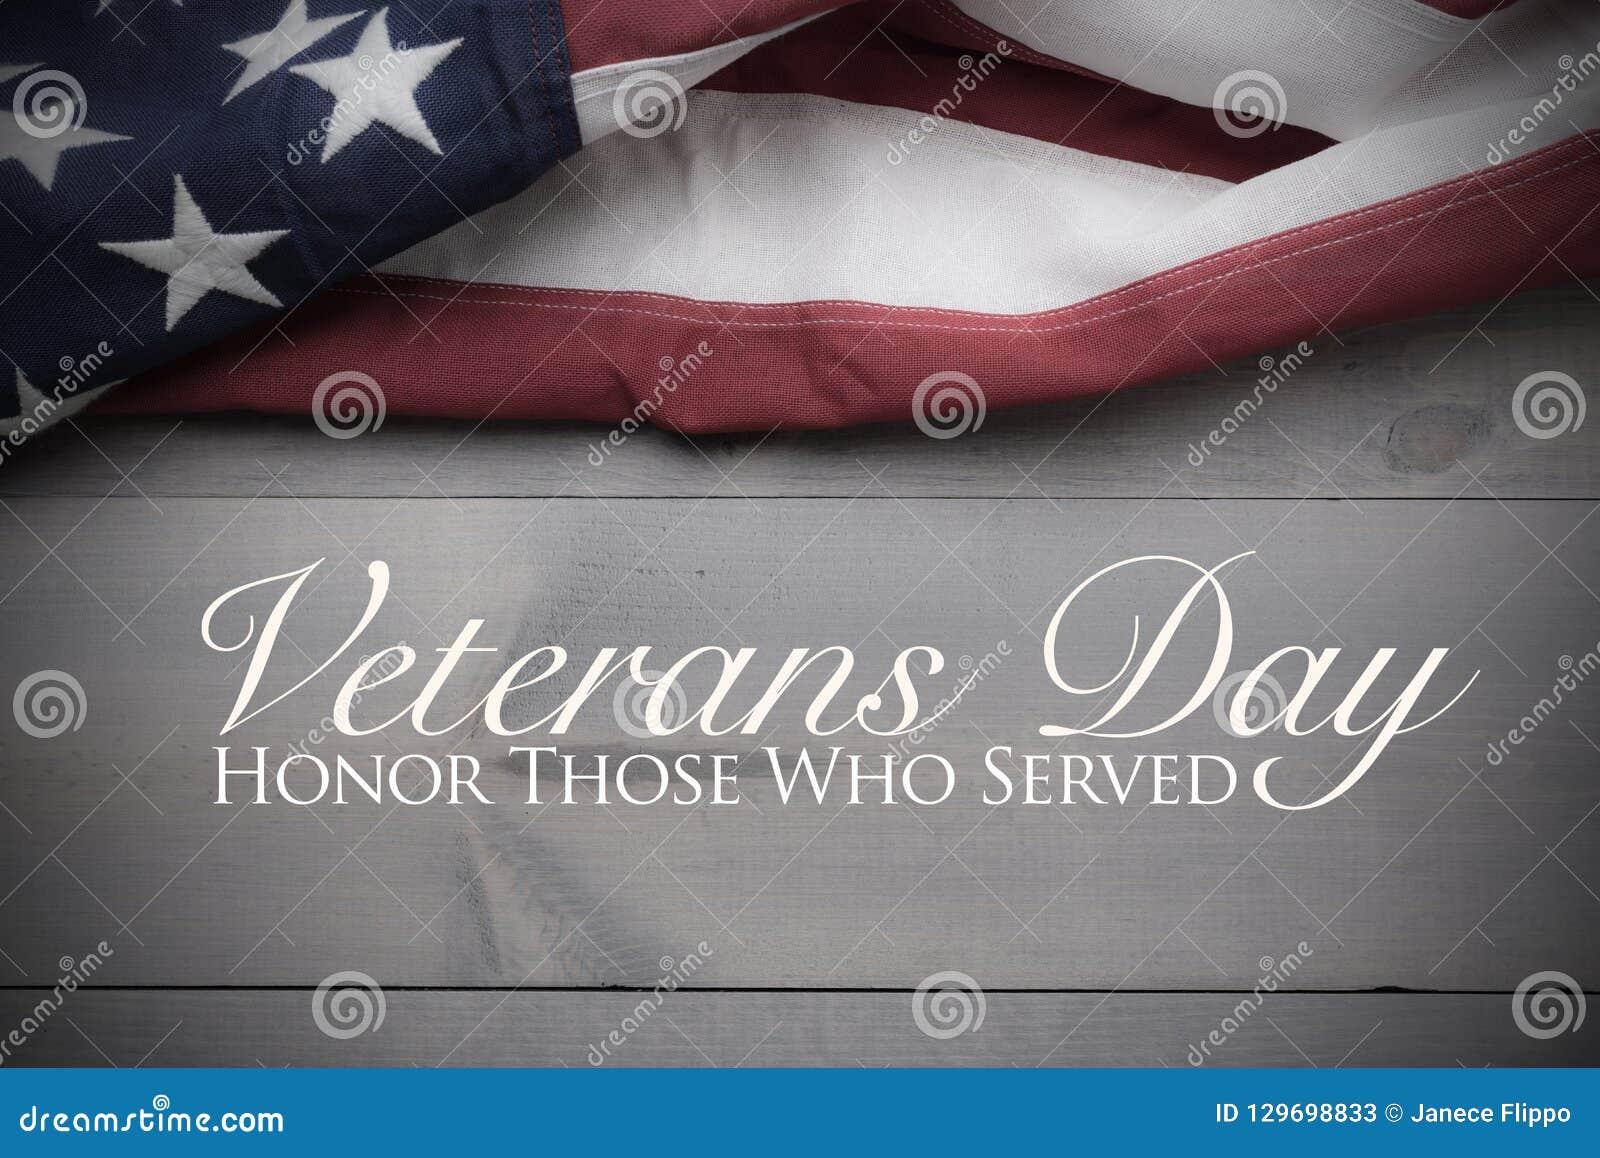 团结的旗子在与拷贝空间退伍军人日进贡的灰色板条背景心满意足